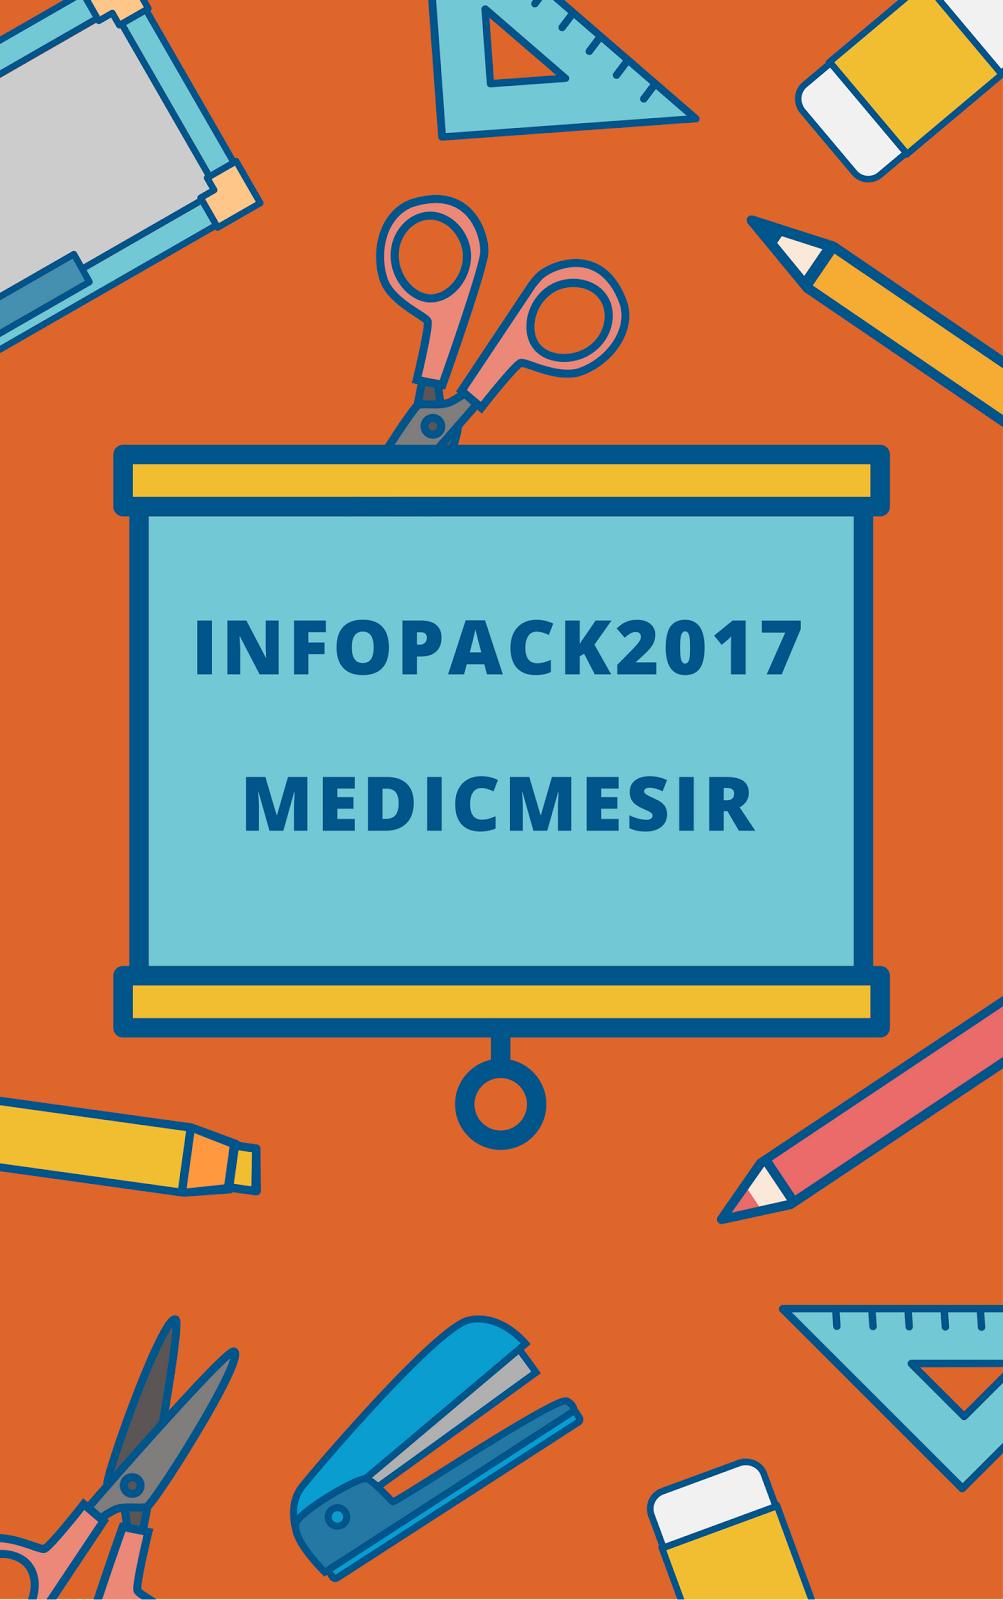 INFOPACK 2017